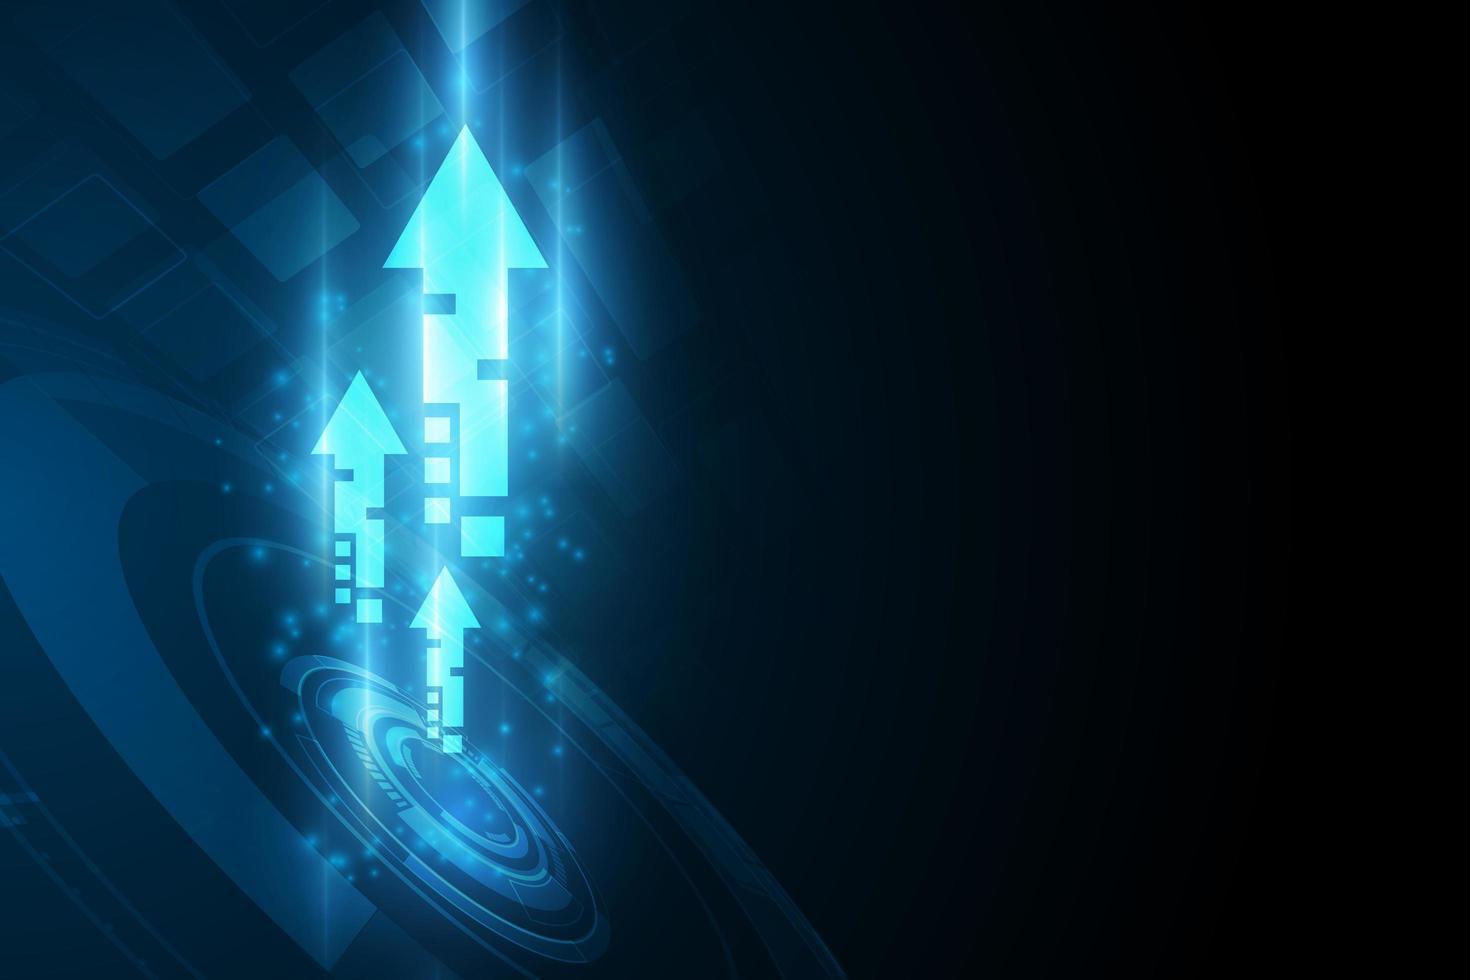 tecnologia di velocità digitale futura astratta vettore